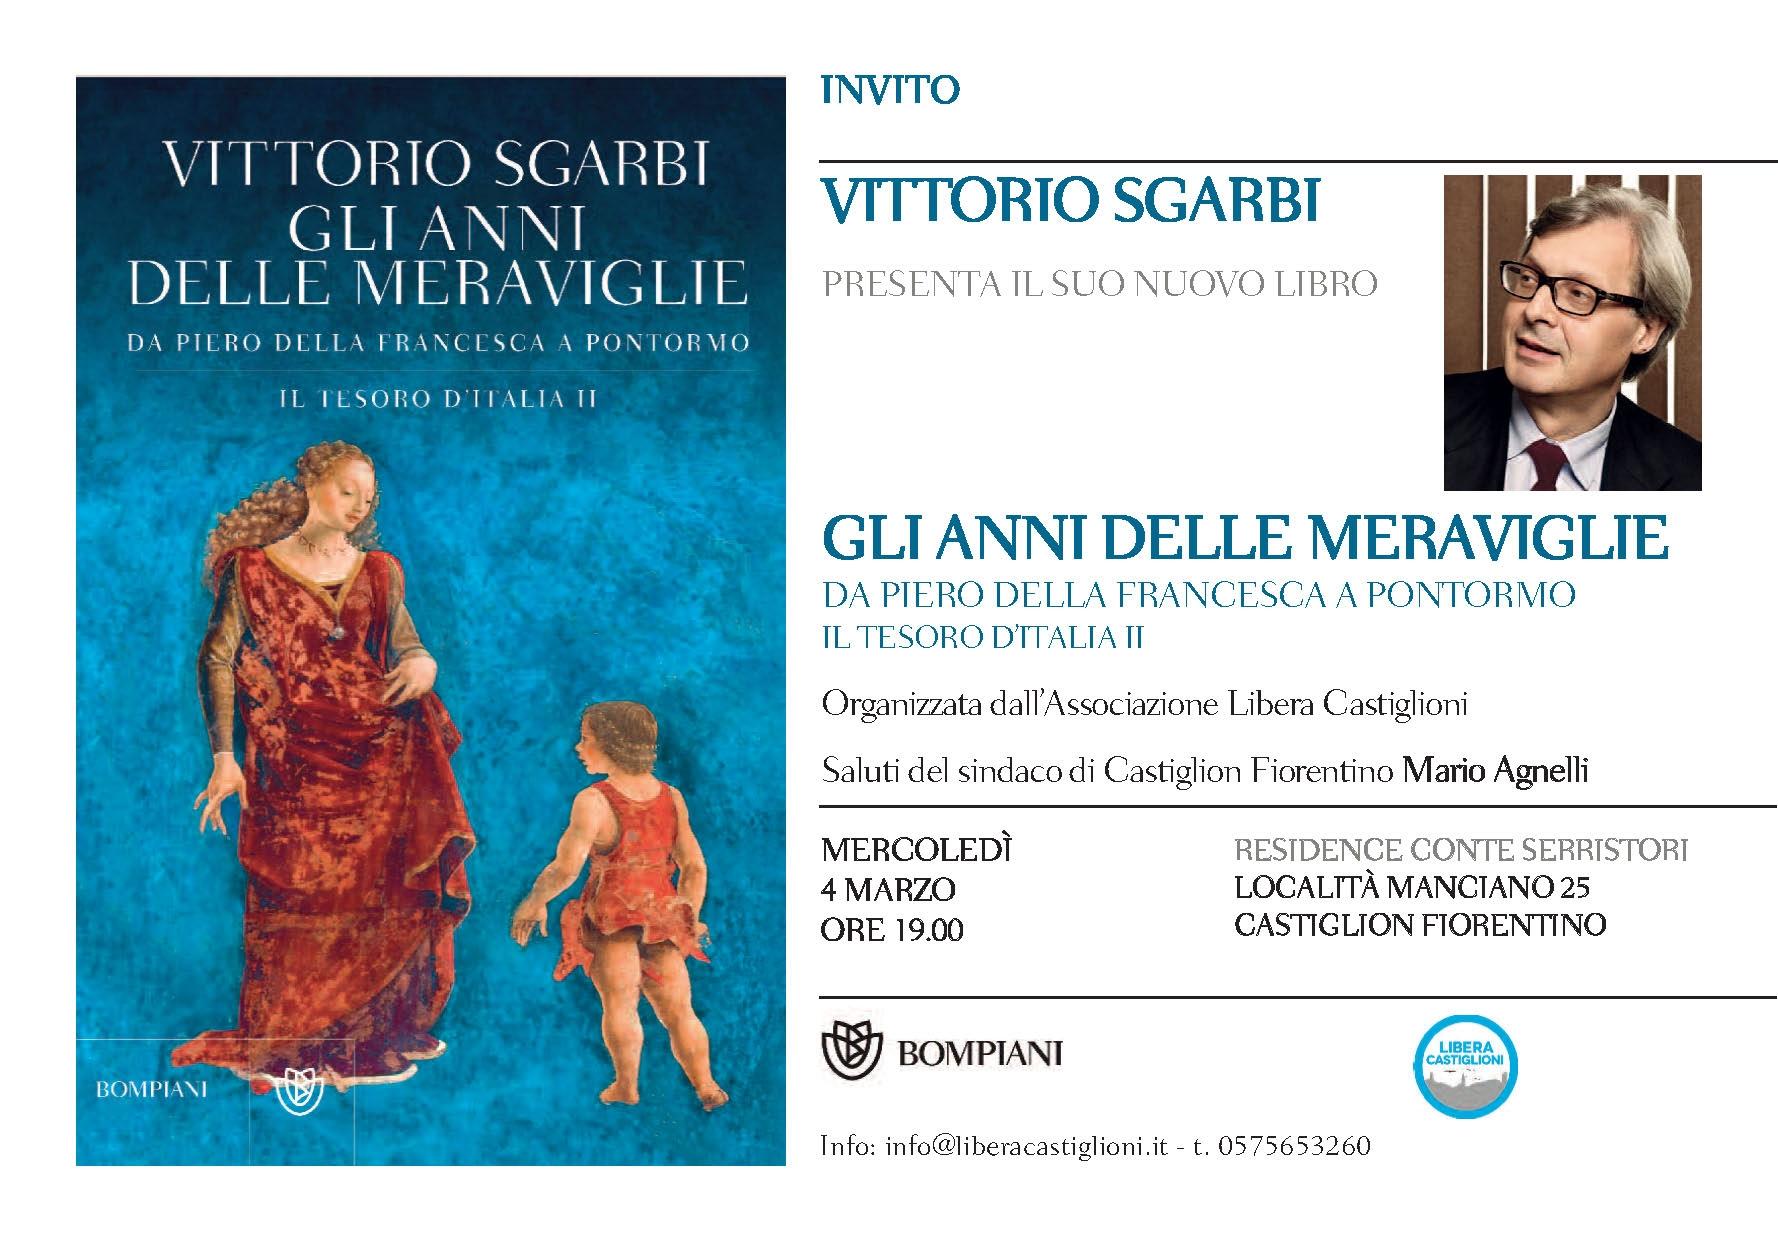 Castiglioni, 'Libera' promuove una serata-incontro con Vittorio Sgarbi